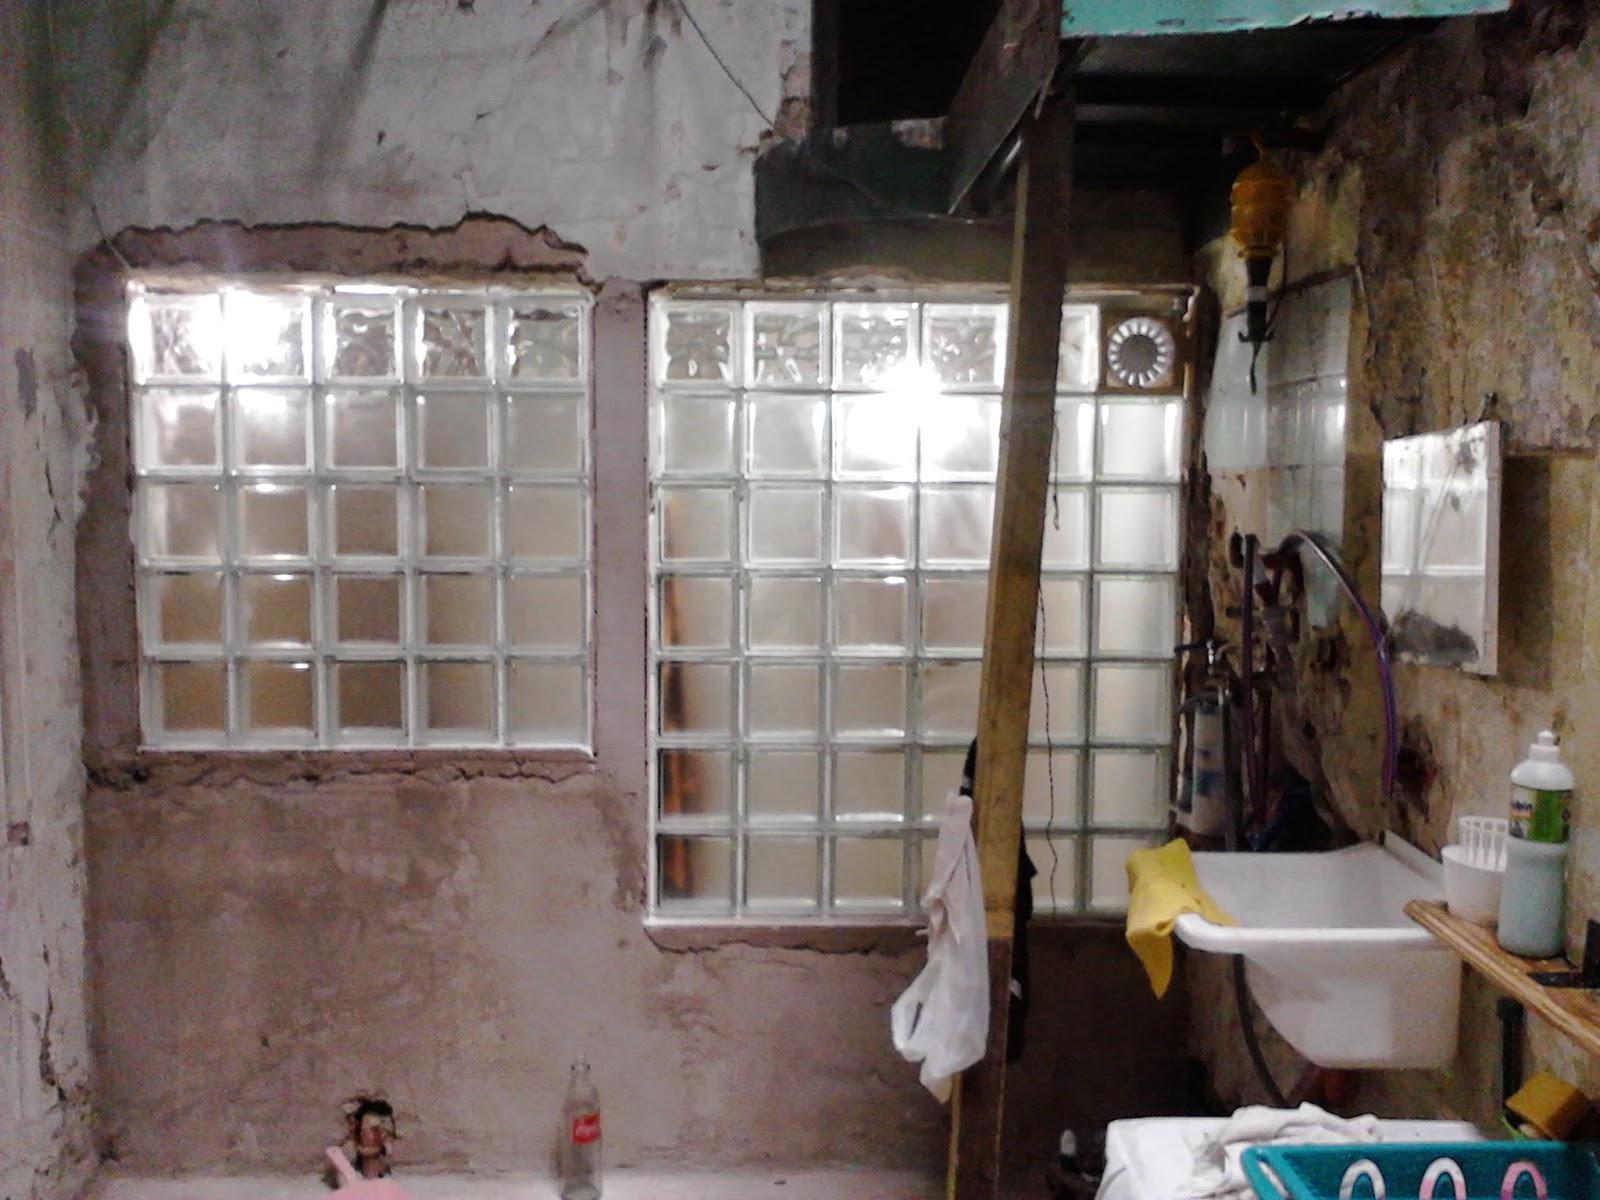 Construcci n del ba o - Como colocar ladrillos de vidrio ...